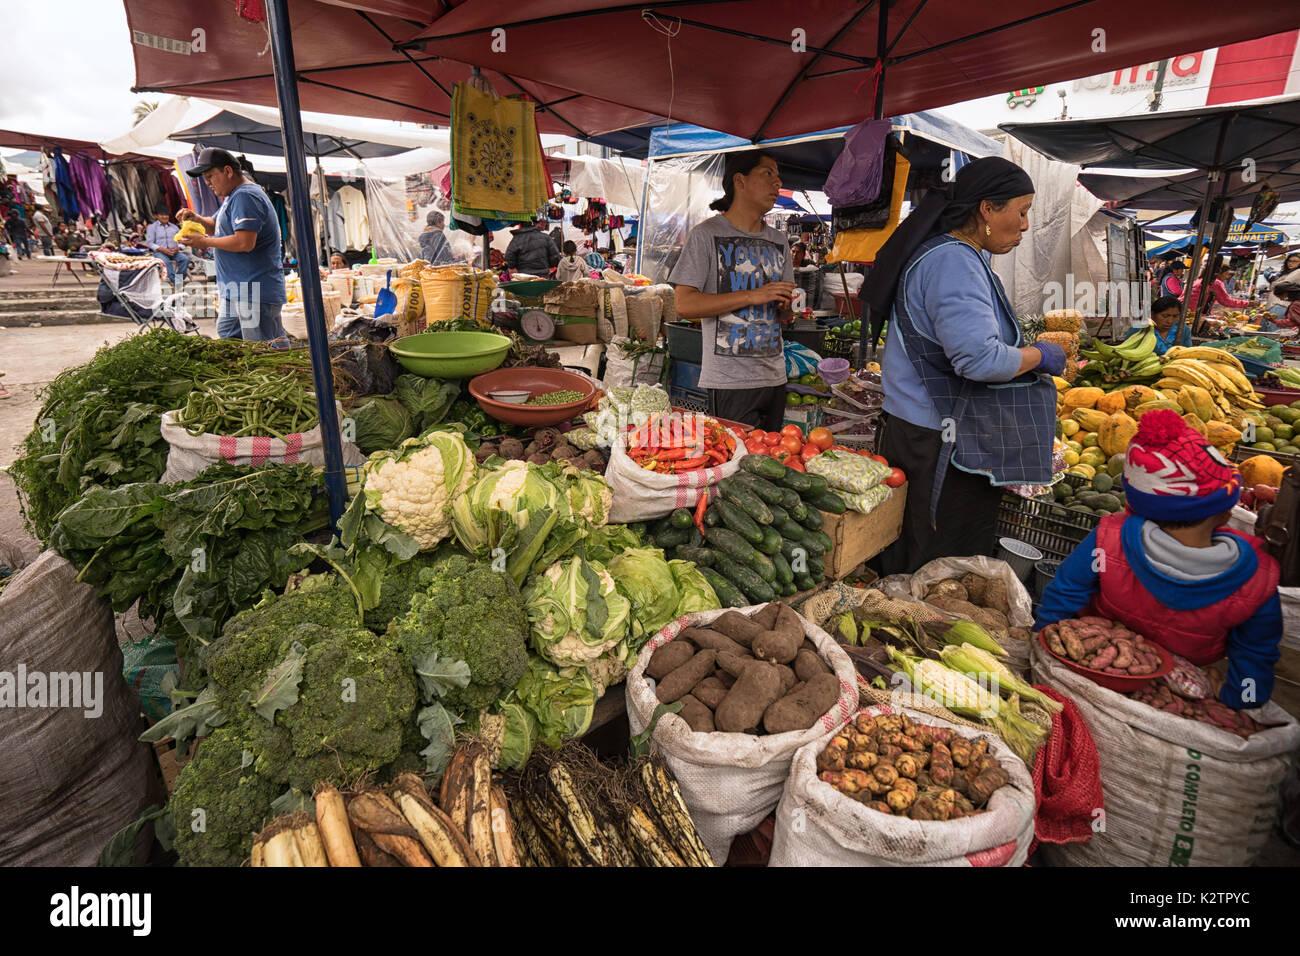 Mayo 6, 2017 en Otavalo, Ecuador: producir proveedor en el mercado del sábado Imagen De Stock